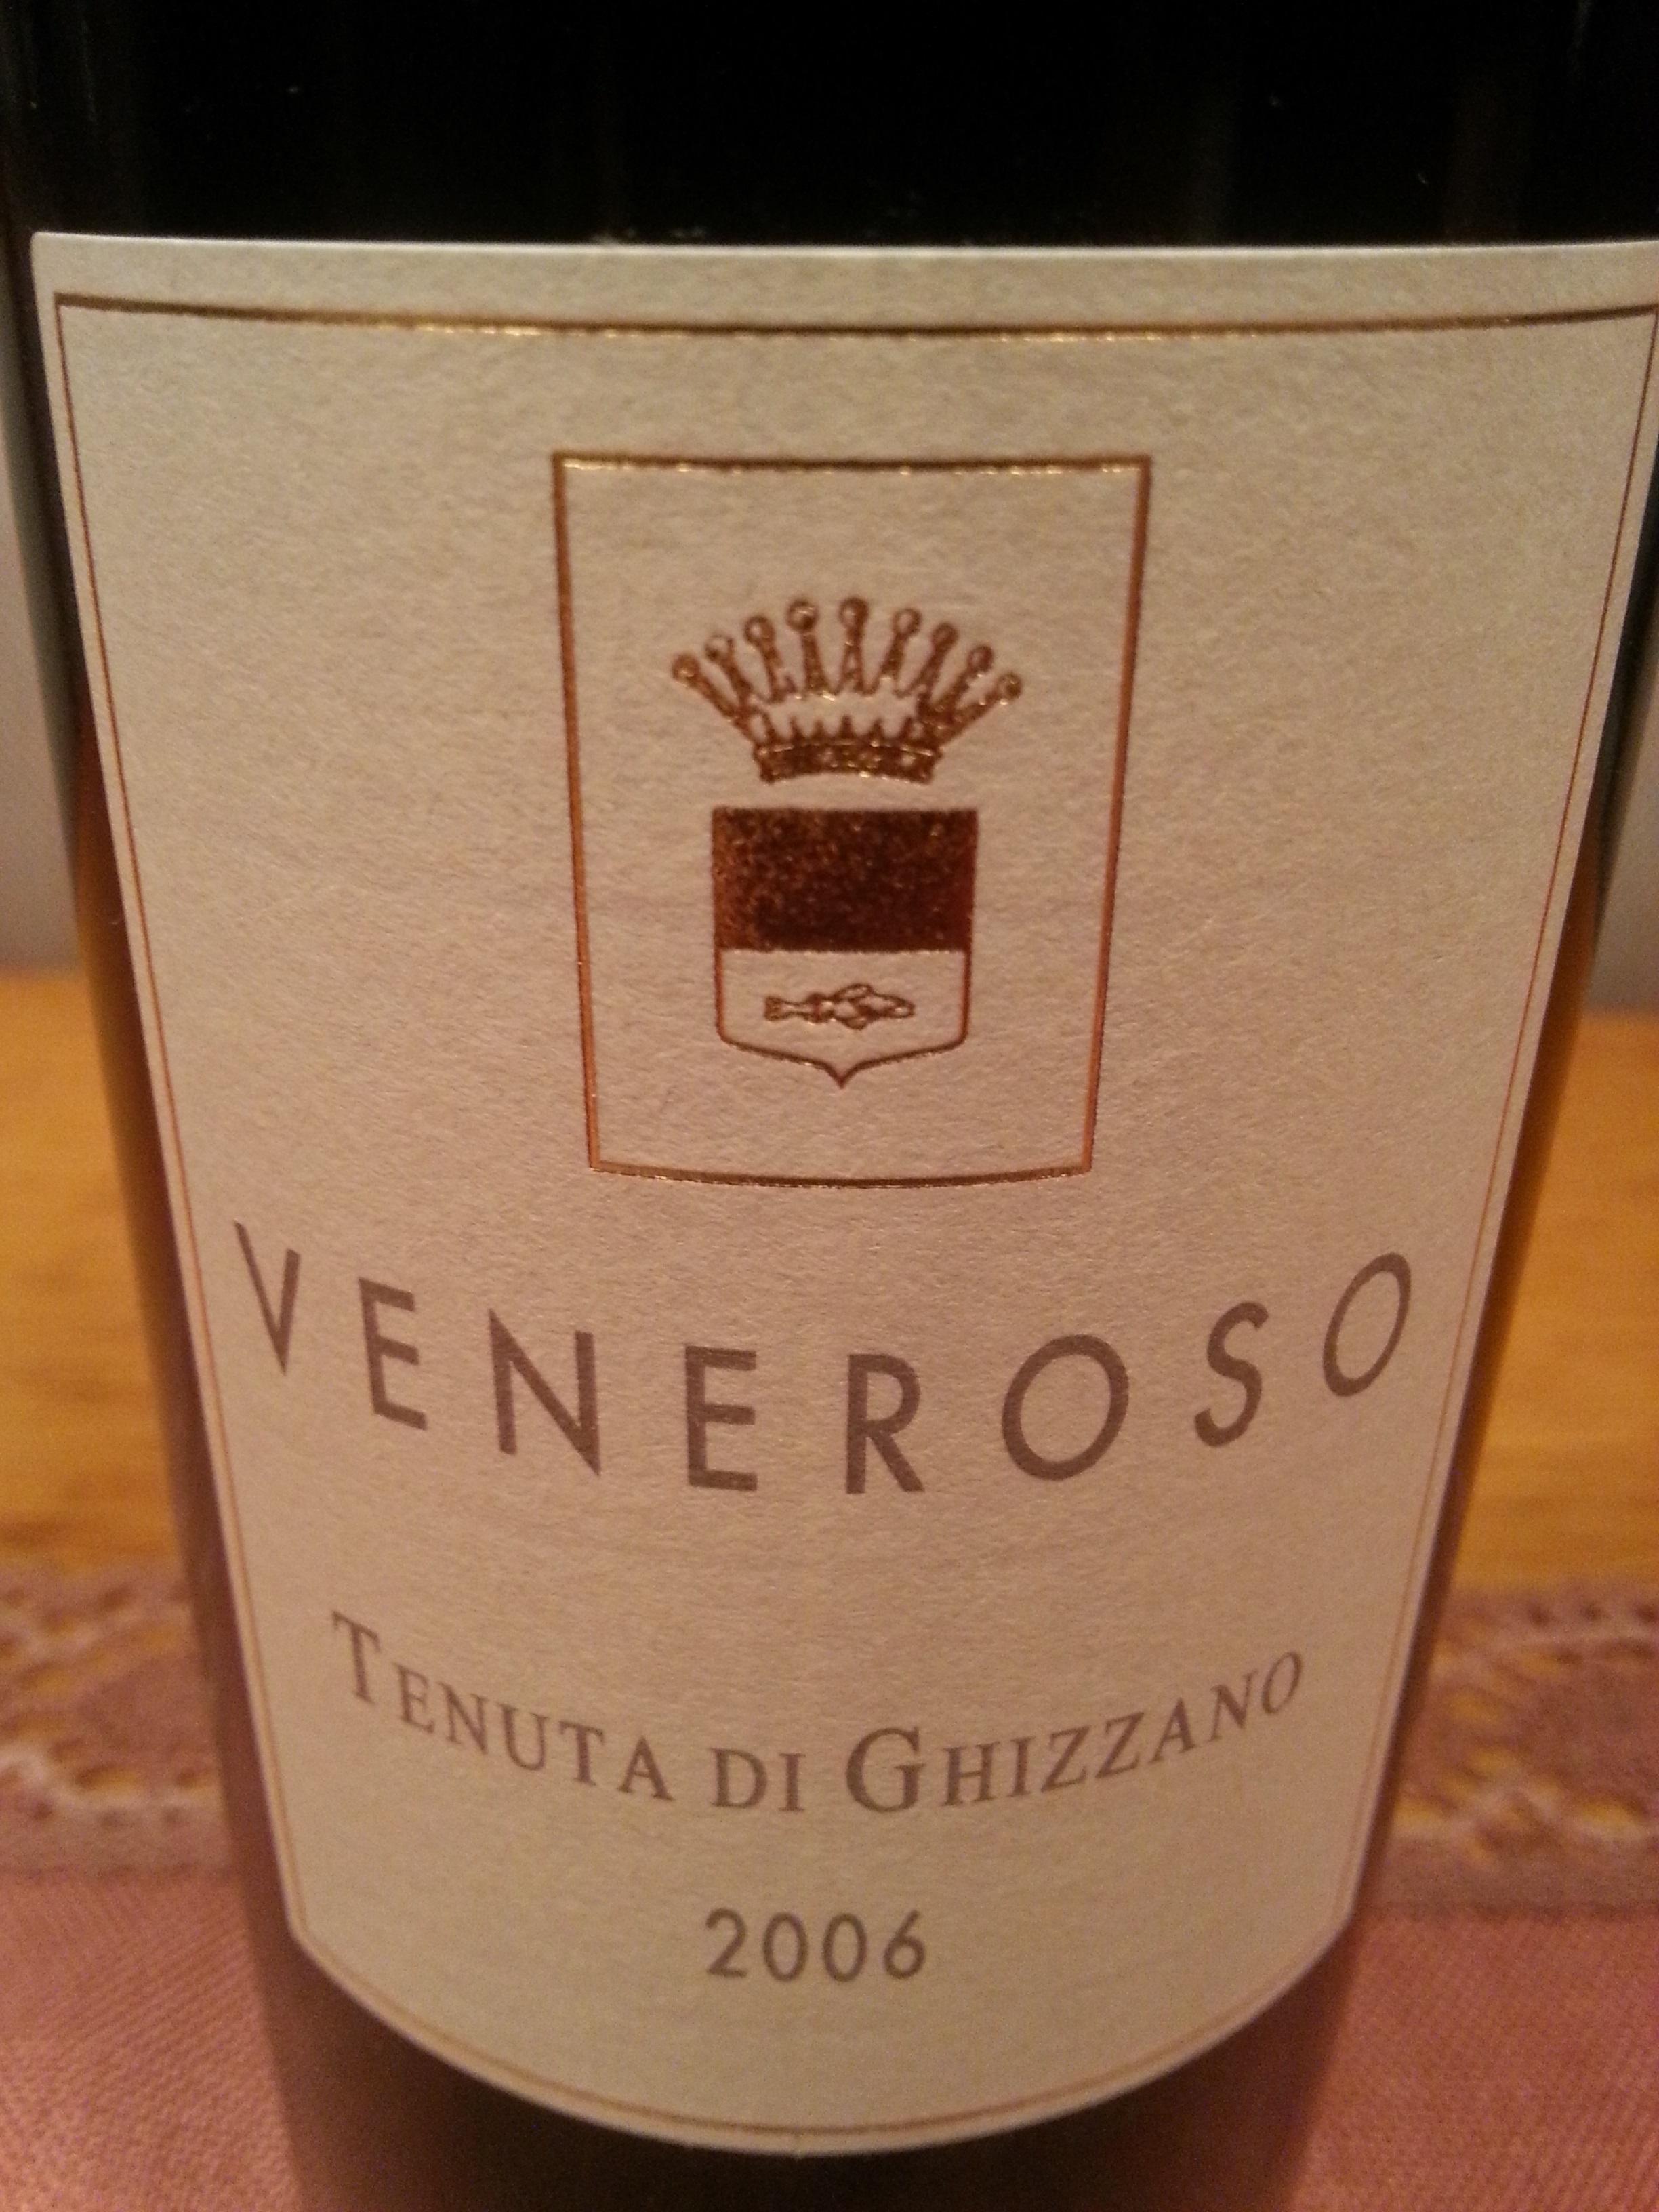 2006 Veneroso | Tenuta di Ghizzano